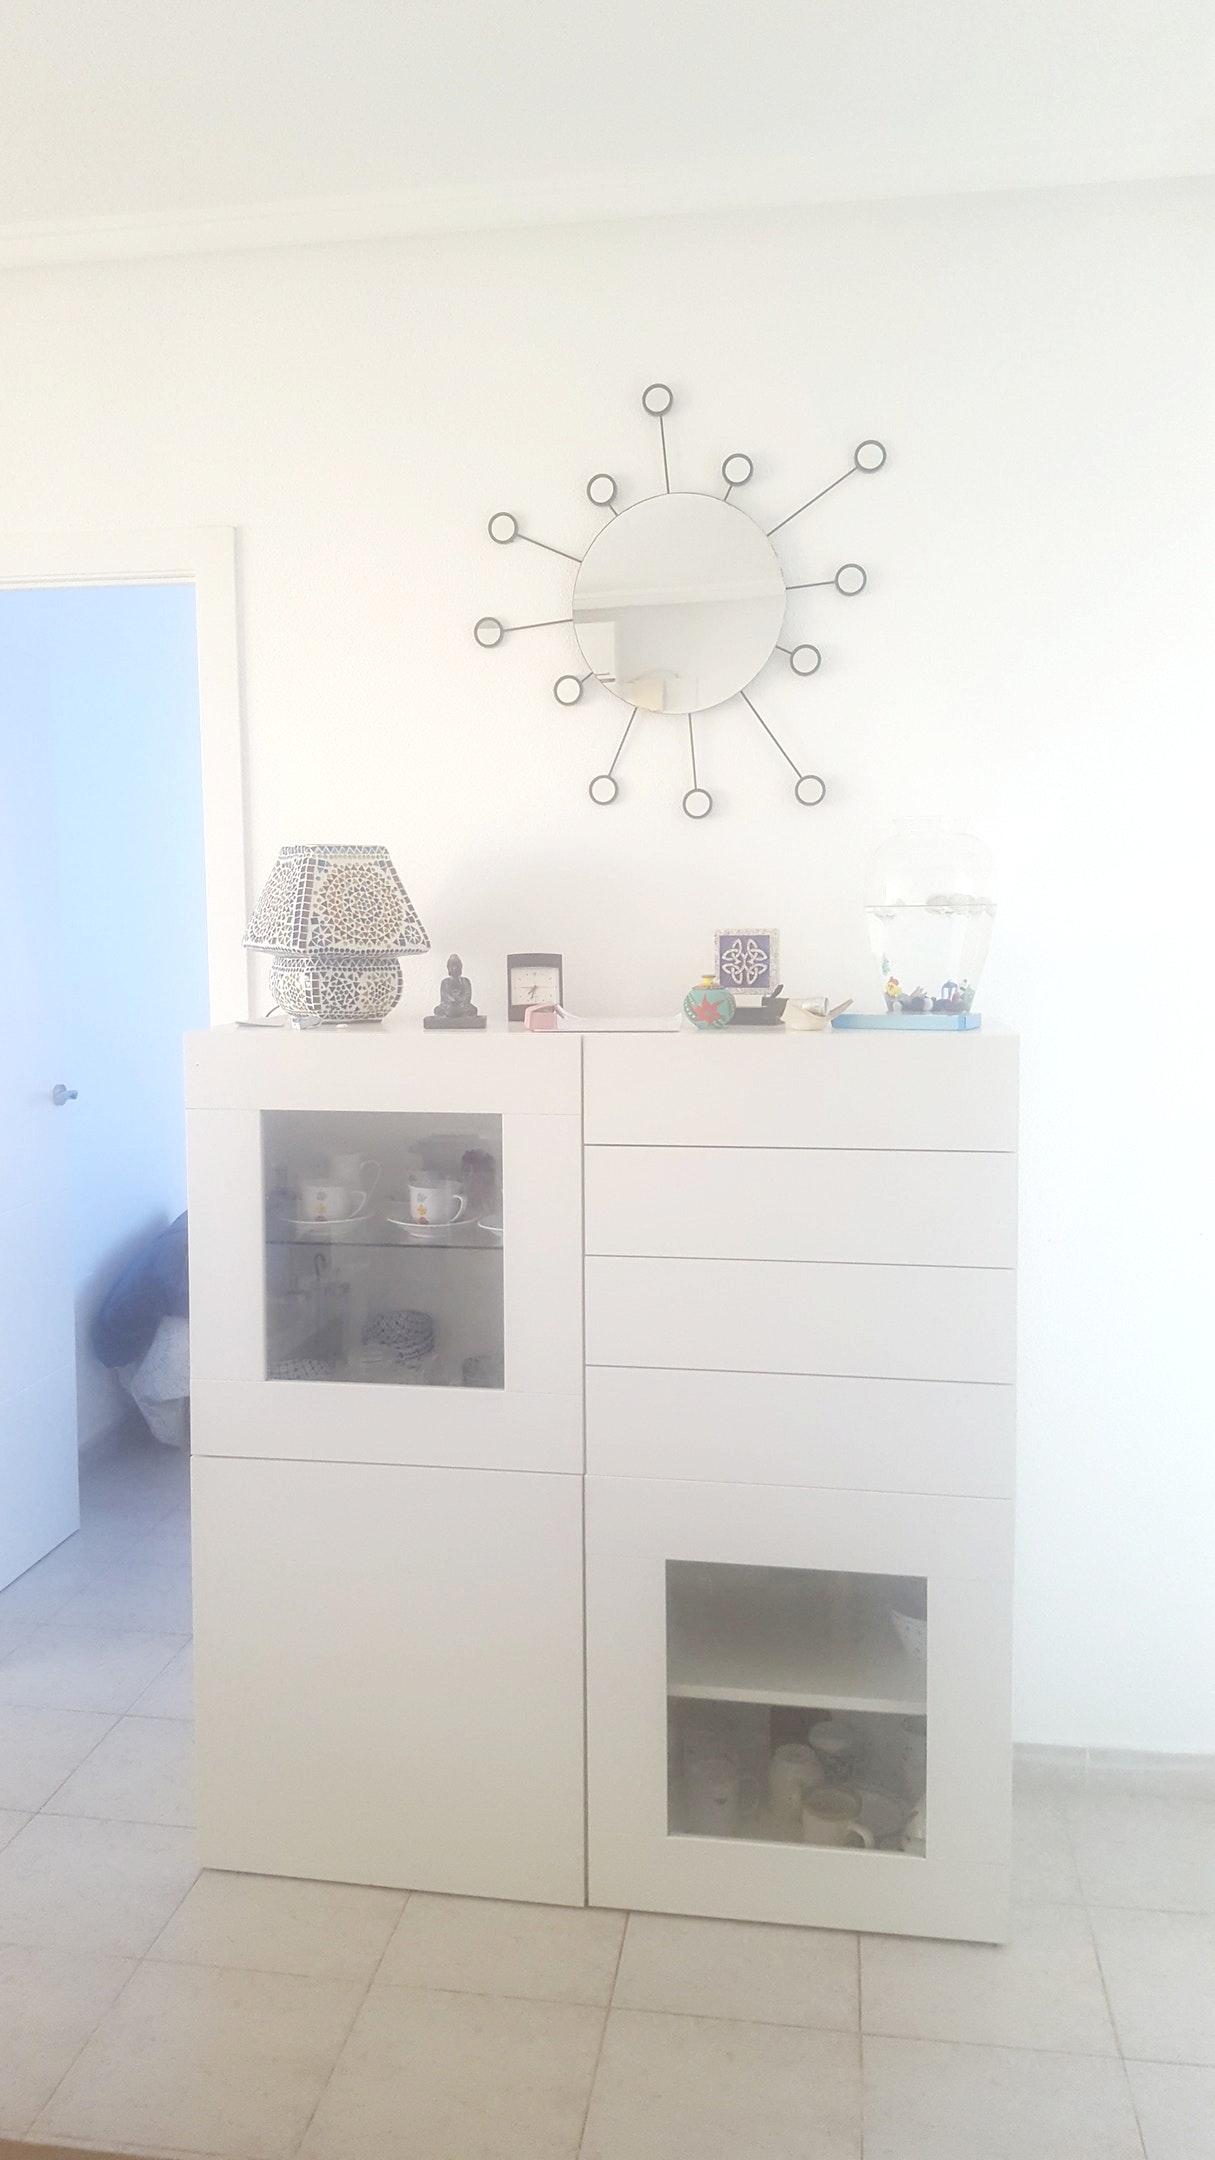 Ferienhaus Haus mit 2 Schlafzimmern in Torrevieja mit Pool, möbliertem Garten und W-LAN (2202043), Torrevieja, Costa Blanca, Valencia, Spanien, Bild 15